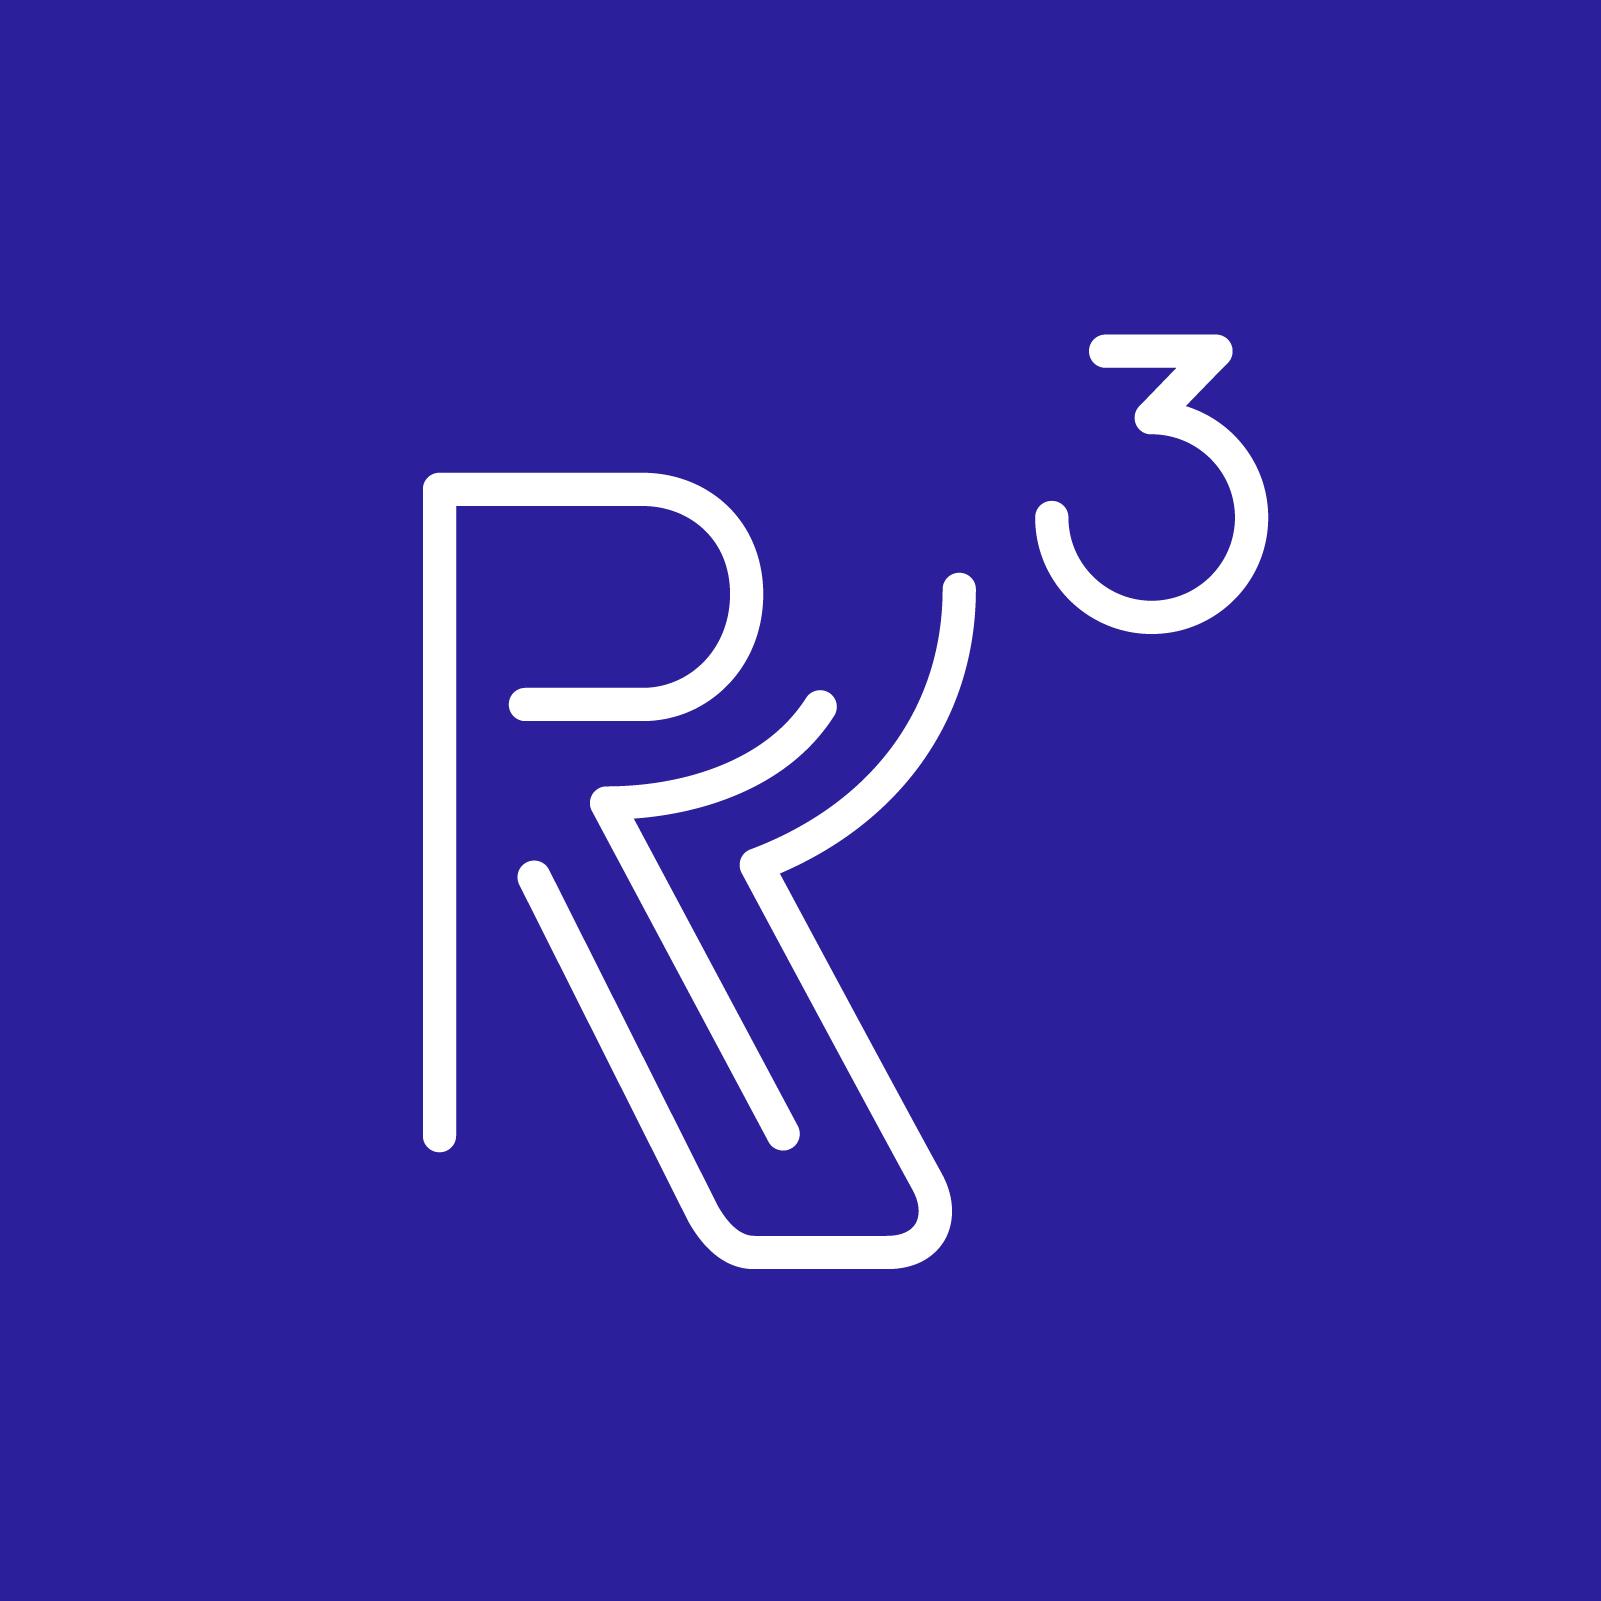 R3_logo_icon_solid_indigo.png